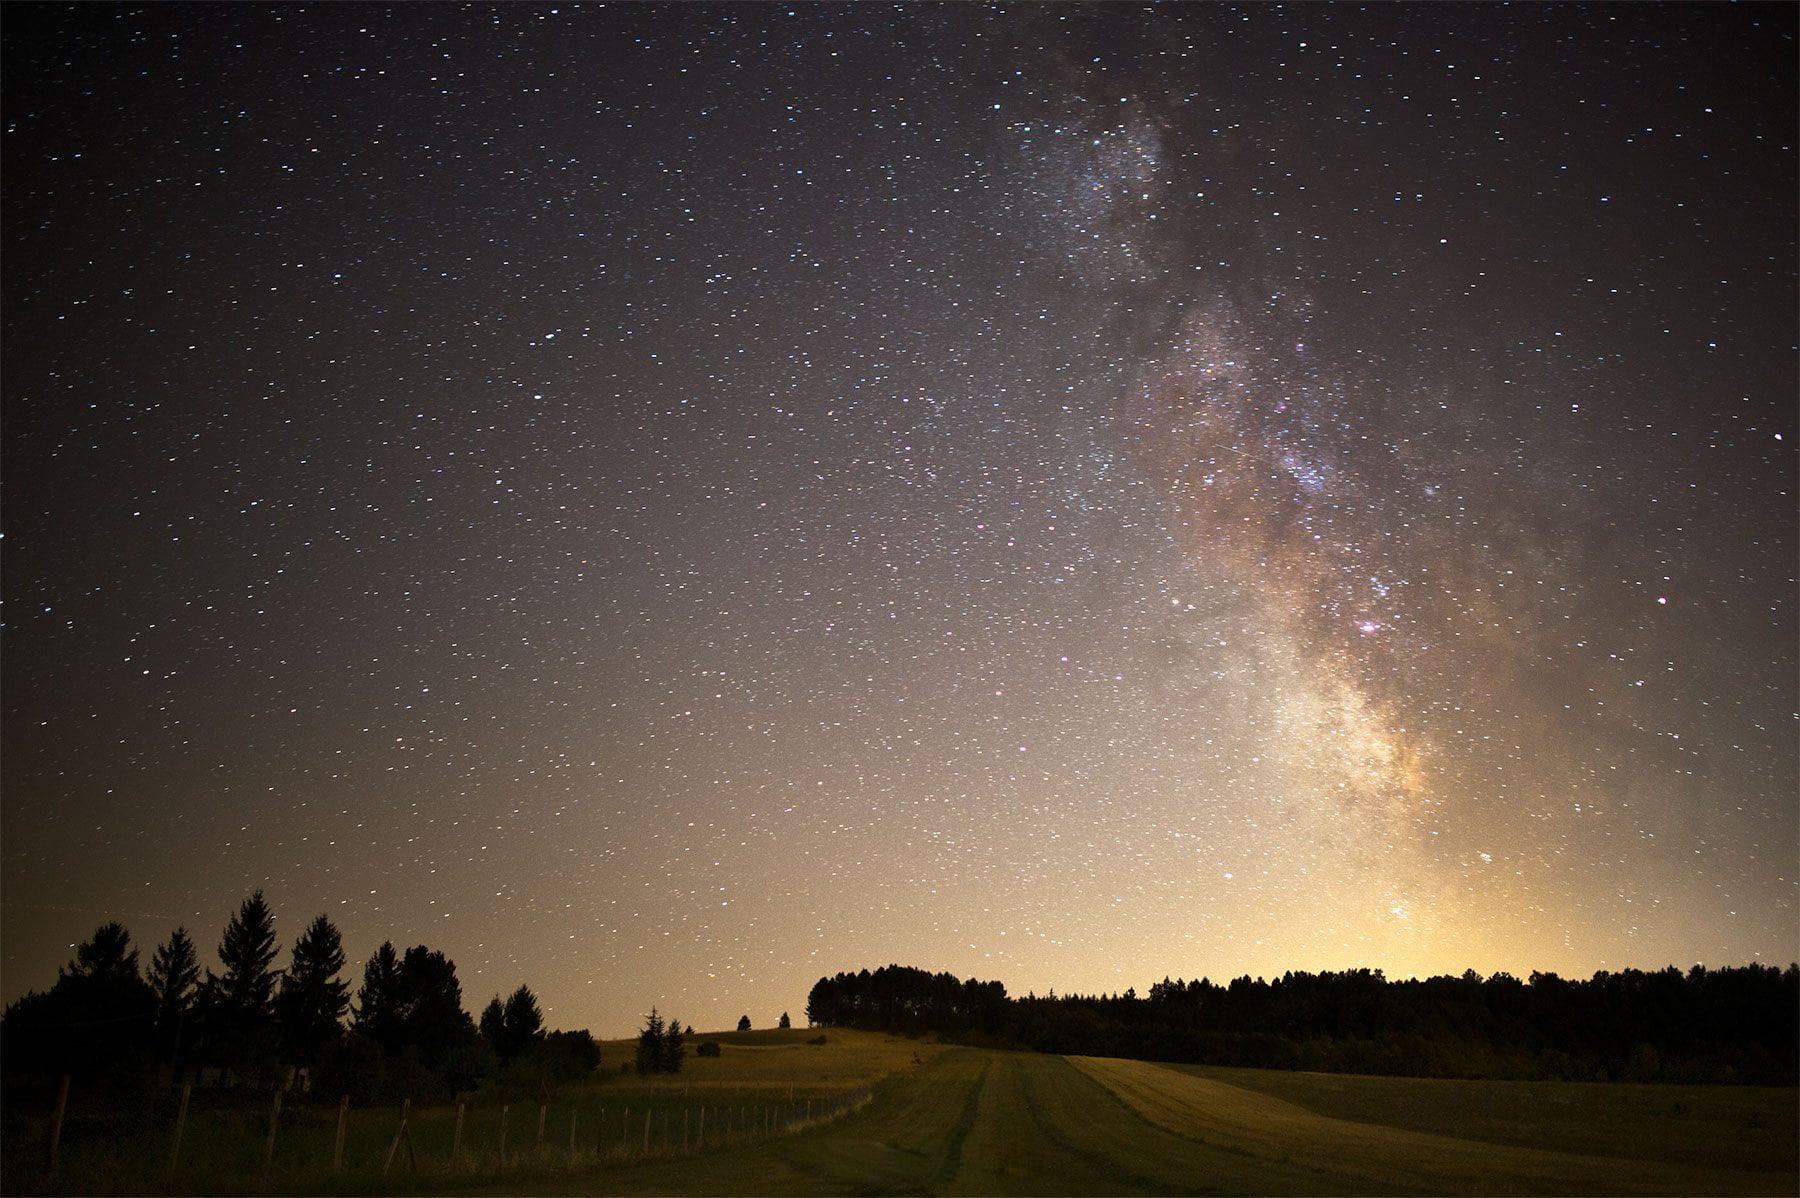 Stella di Natale: come e dove vedere la grande congiunzione di Giove e Saturno